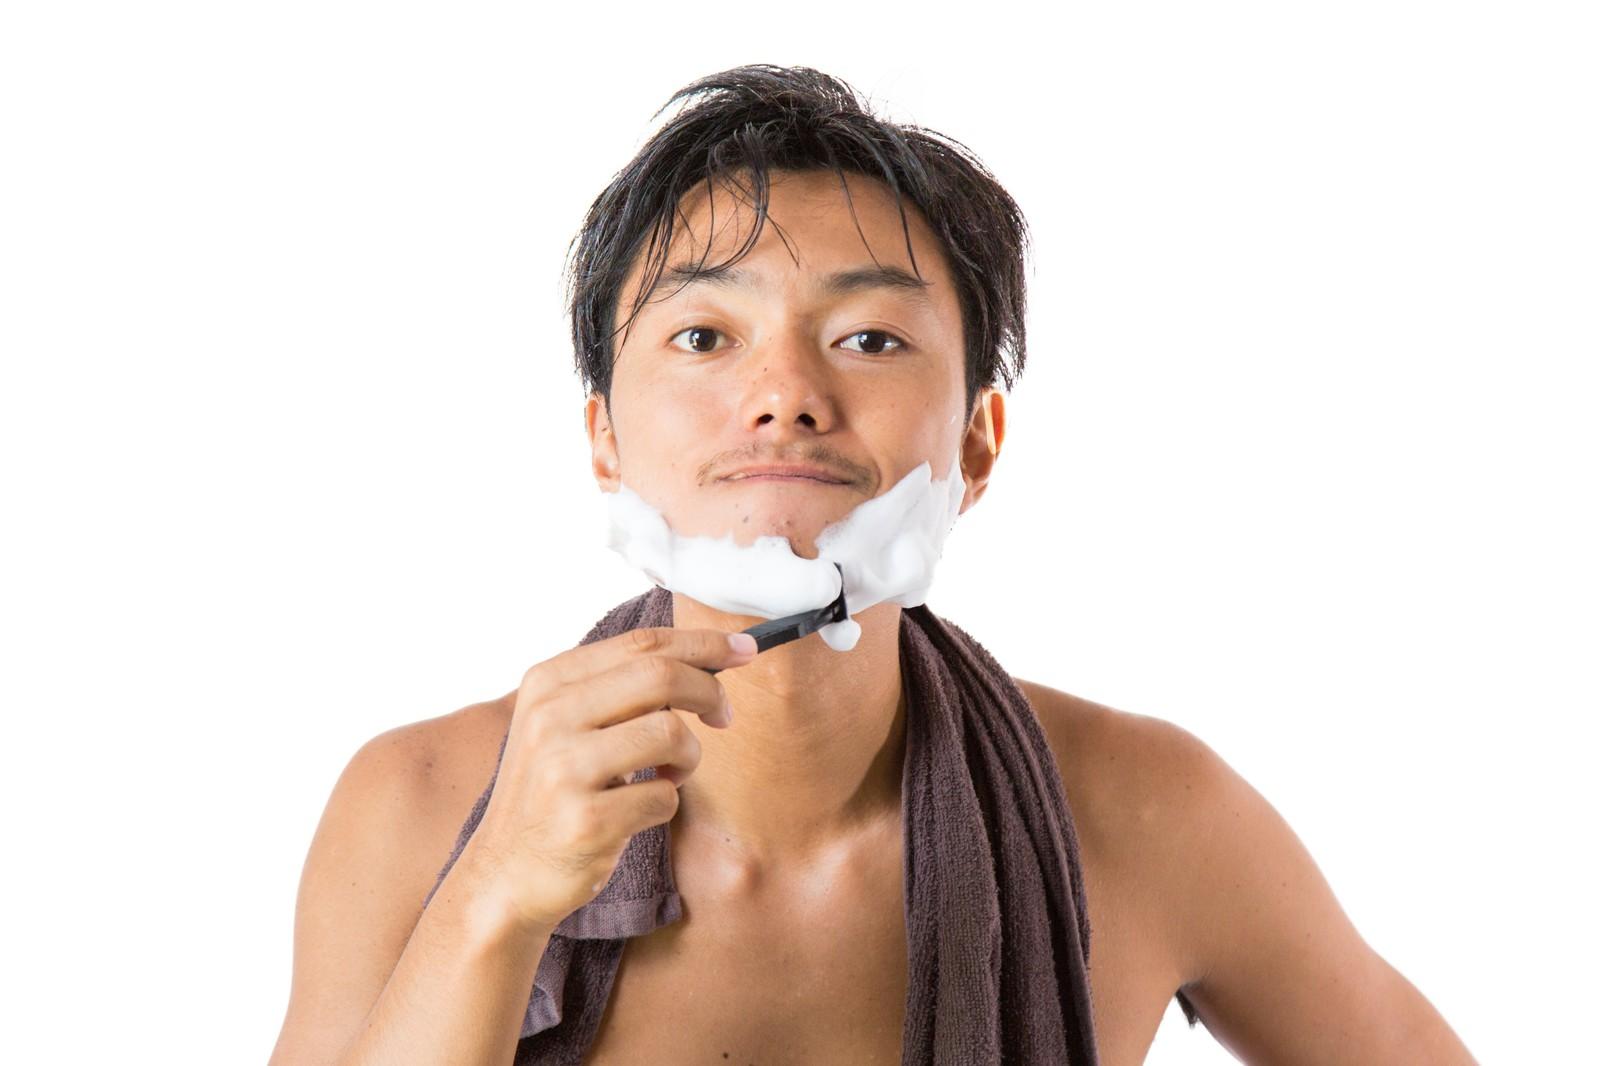 髭にも使えるおすすめの脱毛クリーム・ジェル人気7選!その効果は!